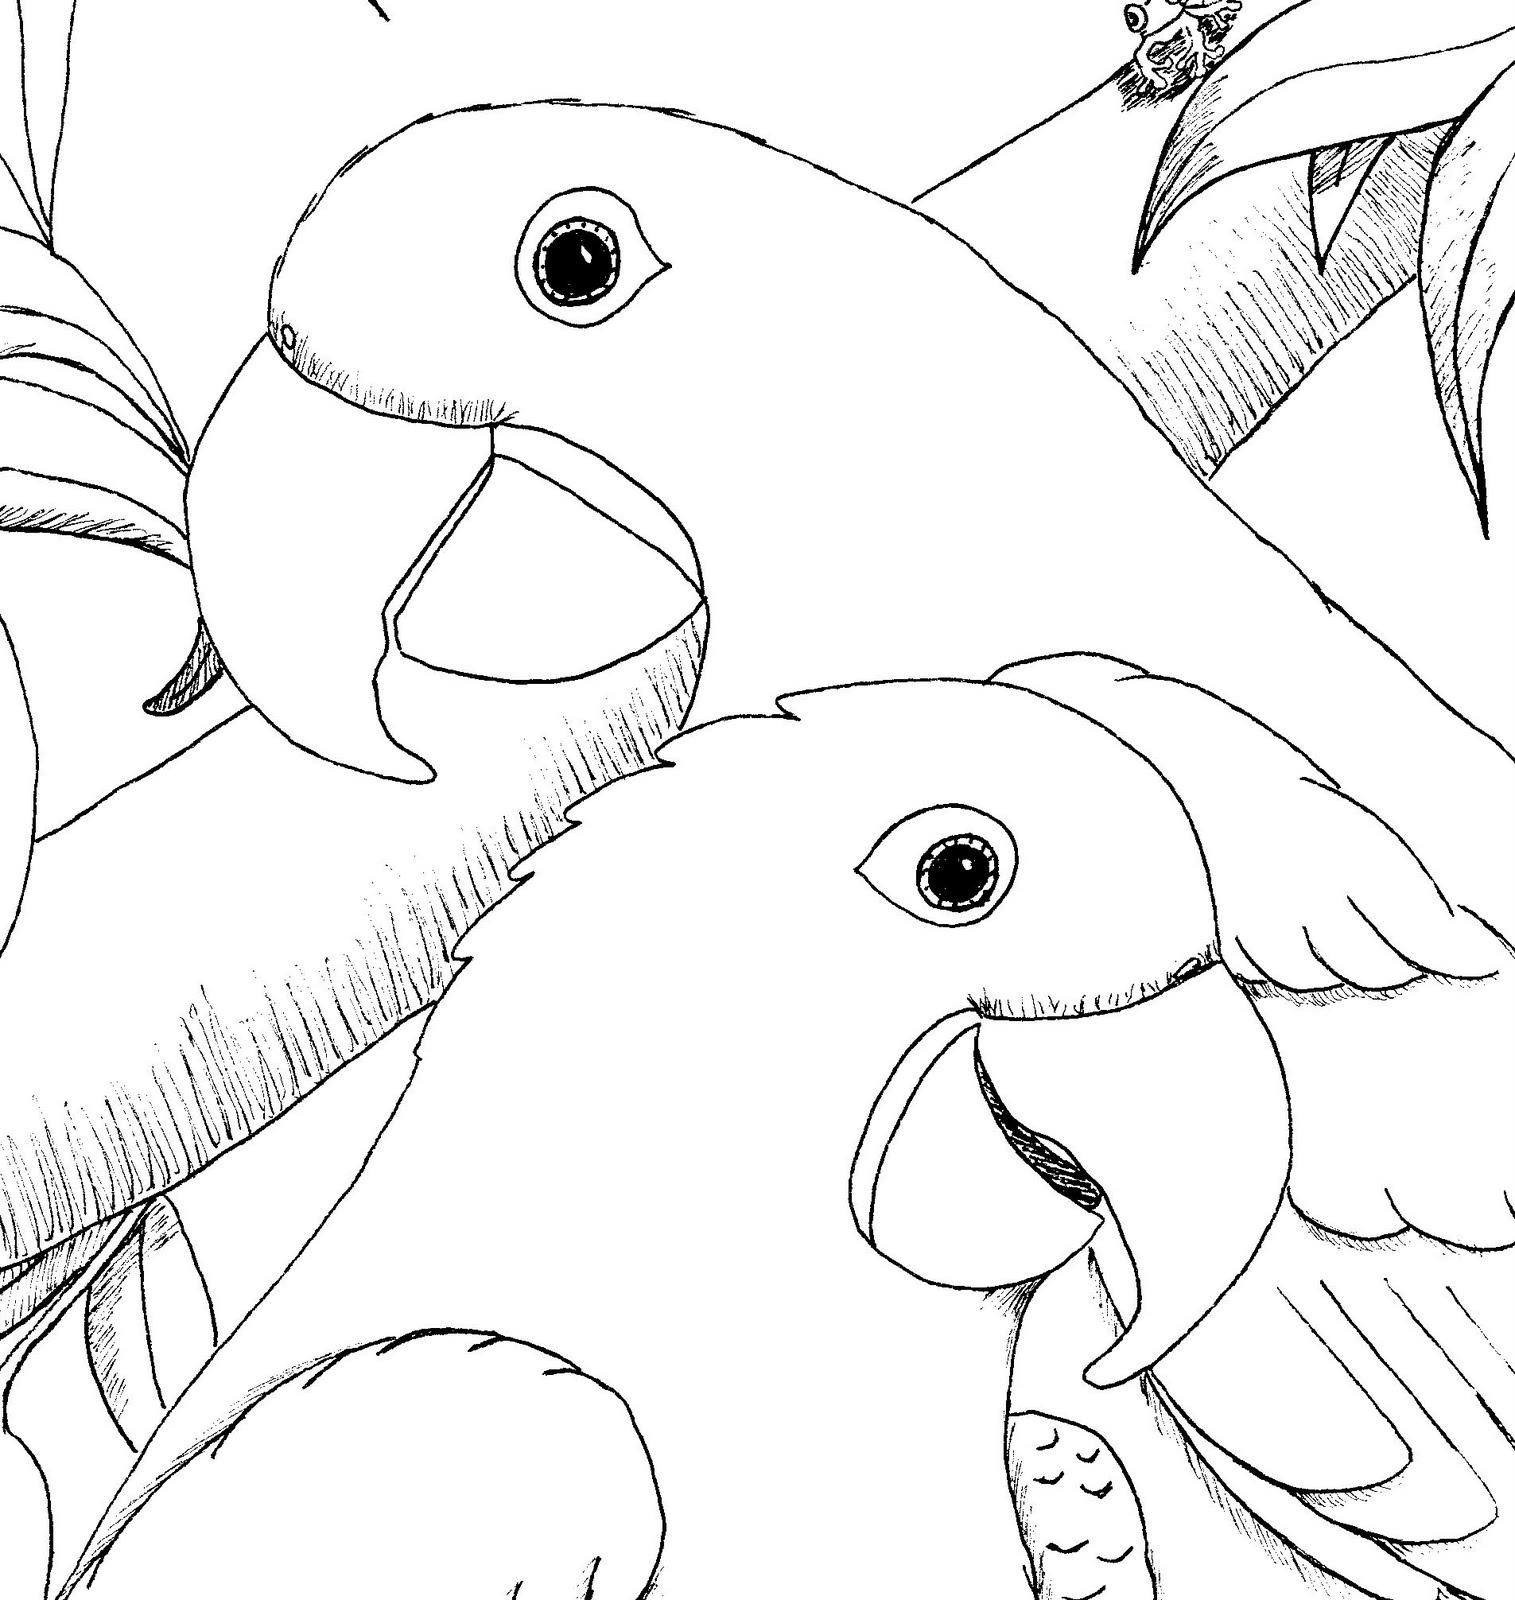 Kleurplaten Vogels.Kleurplaten Dieren Papagaaien Kleurplaten Vogels Tekeningen